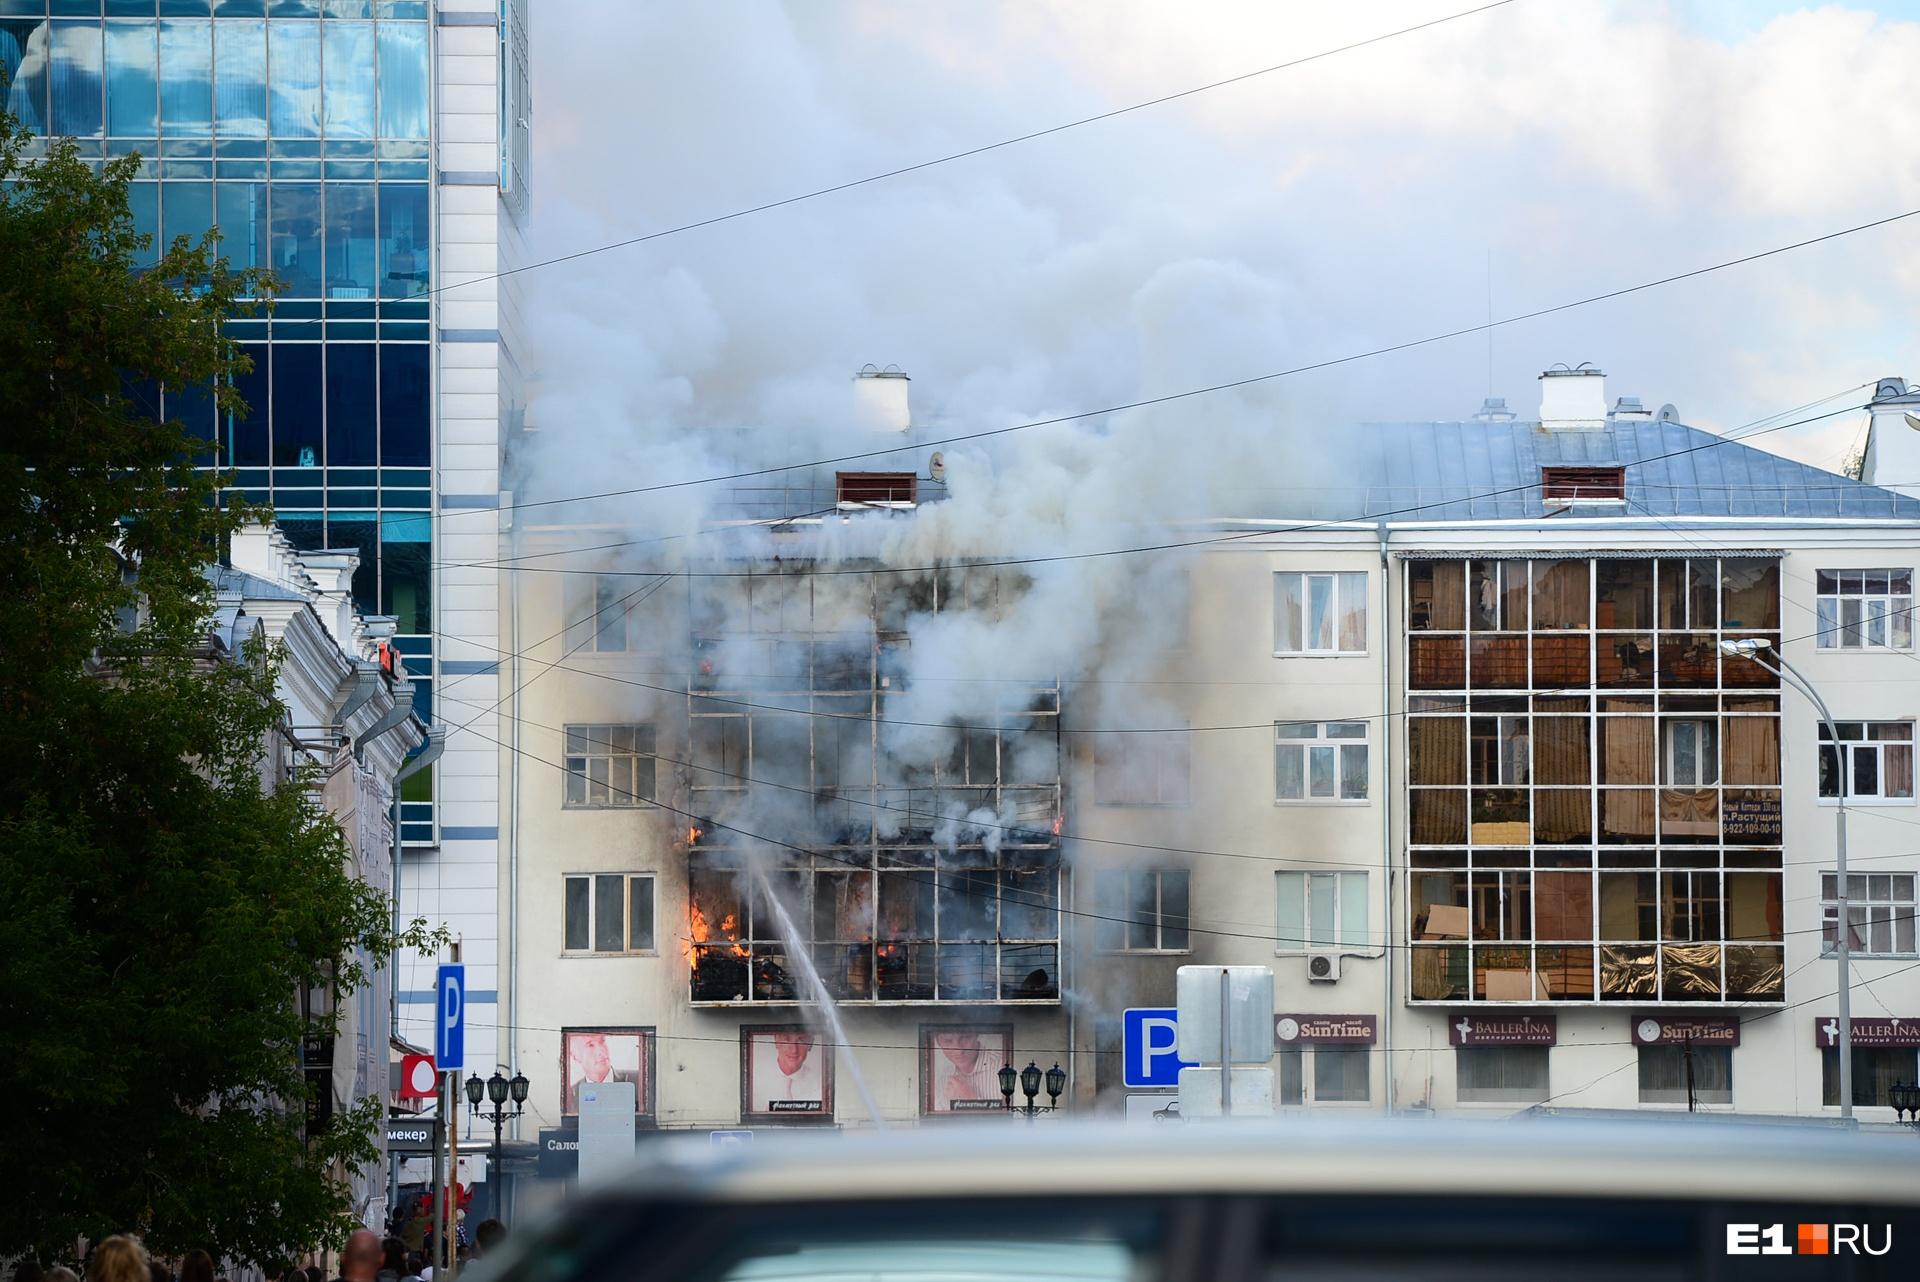 Во время пожара серьезно пострадал фасад, который является предметом охраны